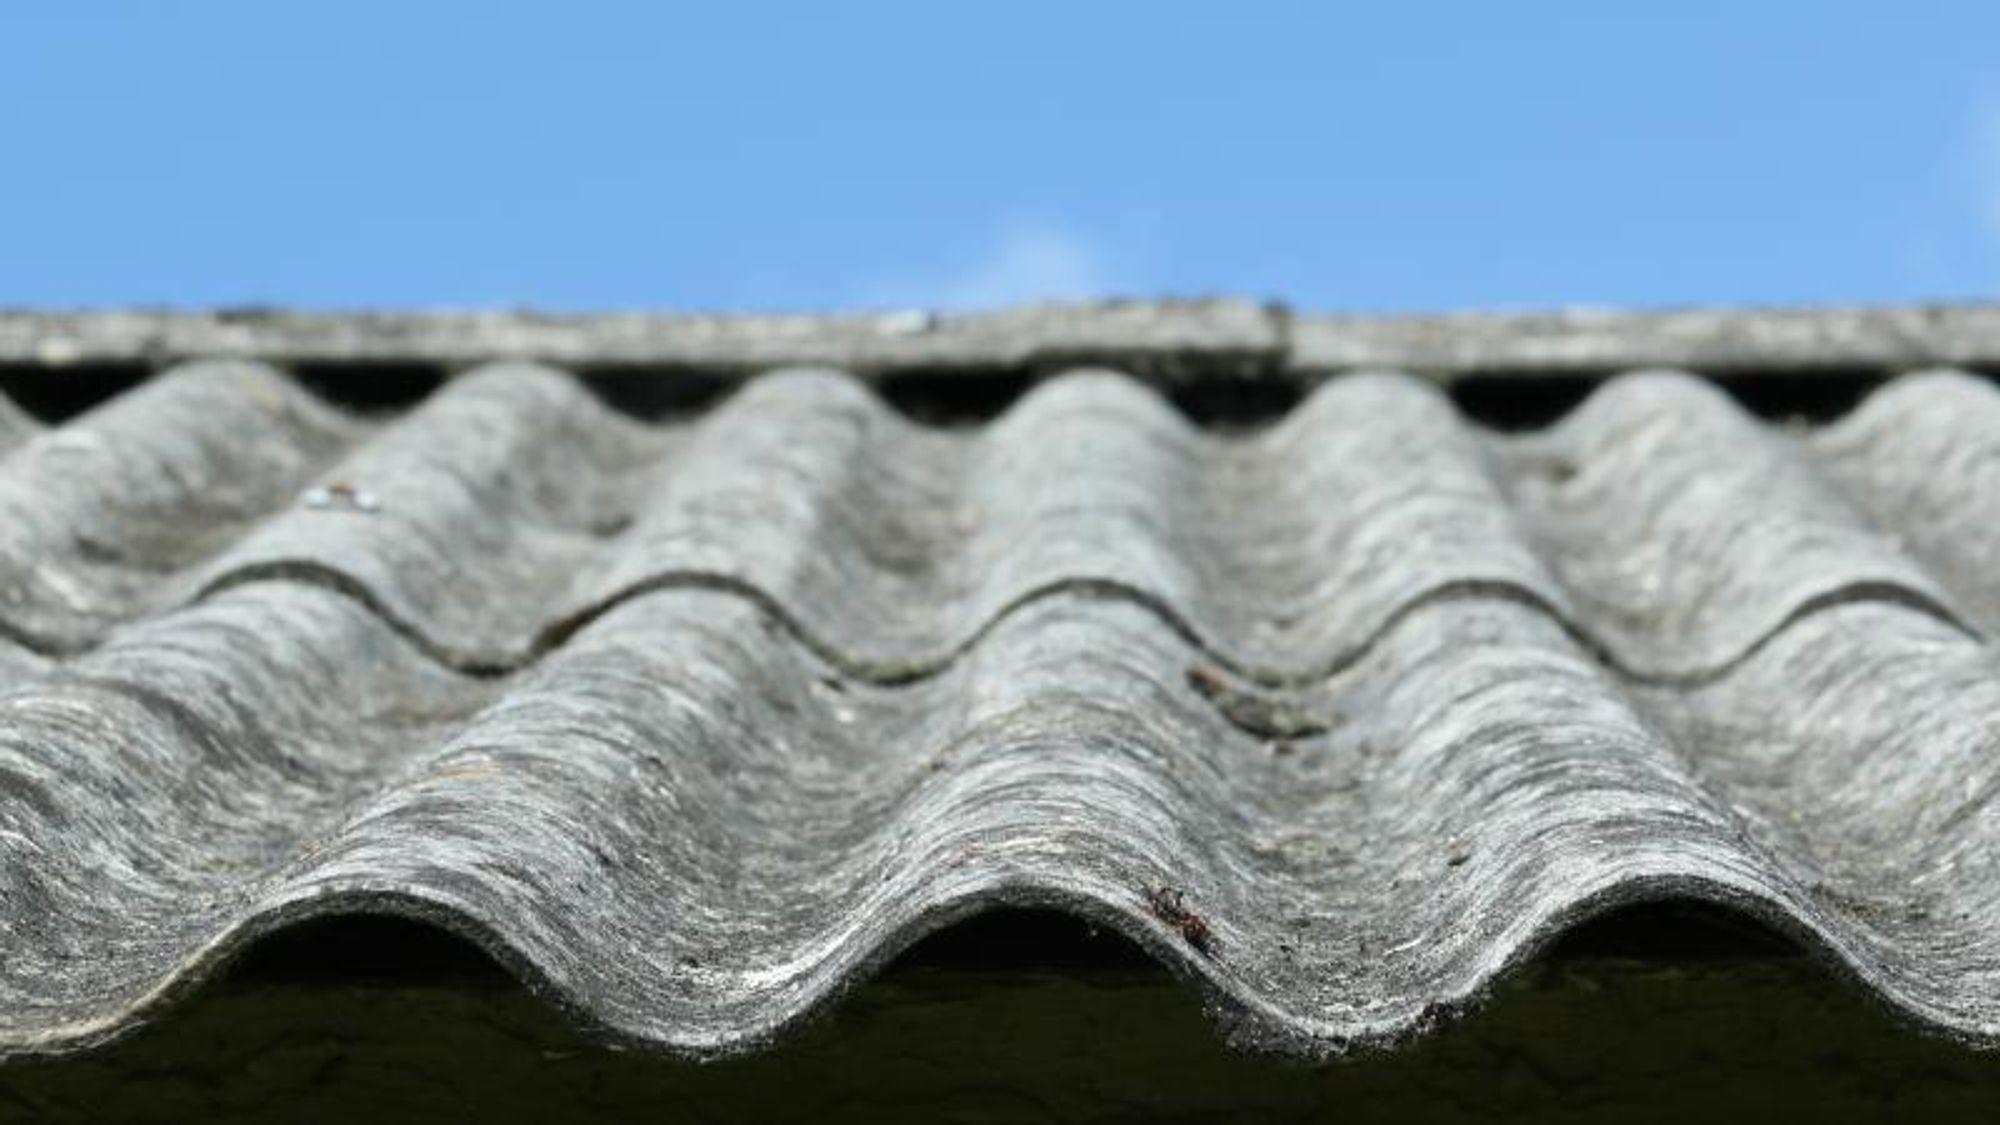 Asbest: Det er ikke mulig å se med det blotte øyet, om et eternitt-tak inneholder asbest eller ikke.  Stoffet ble forbudt i Danmark i 1987.